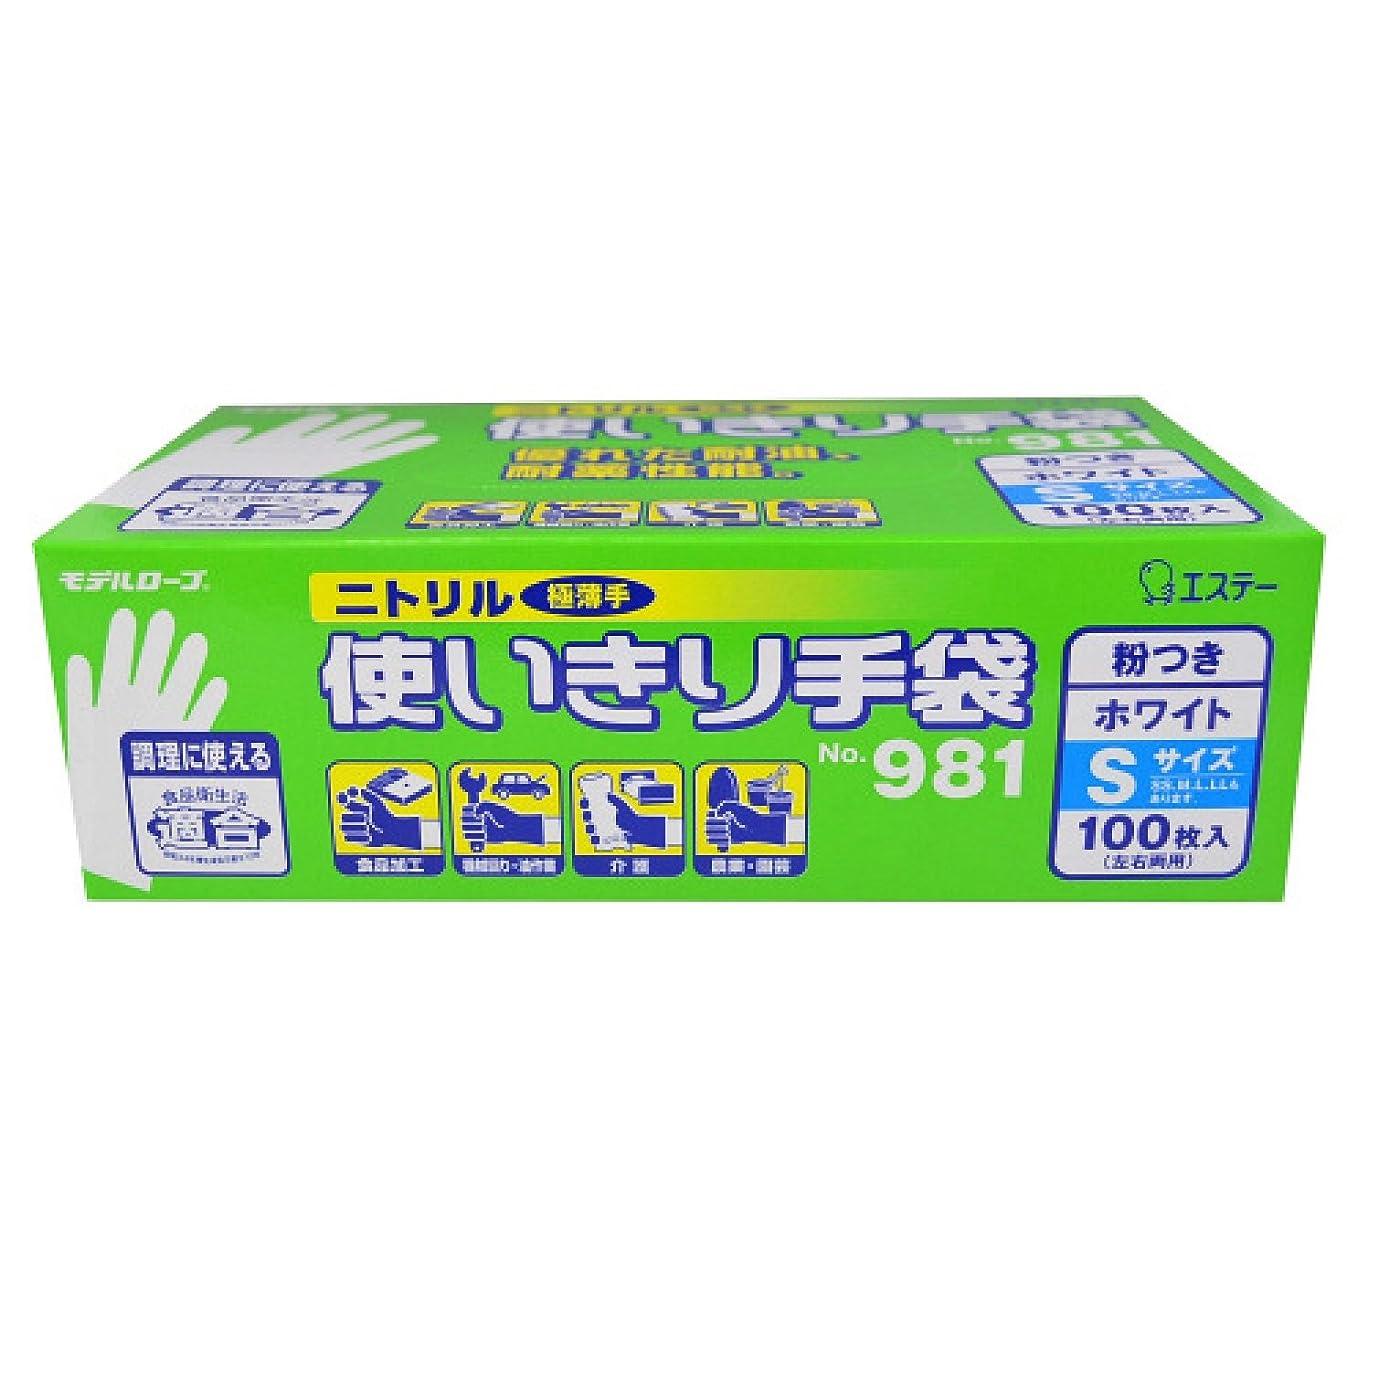 災難ハミングバードライオンエステー/ニトリル使いきり手袋 箱入 (粉つき) [100枚入]/品番:981 サイズ:LL カラー:ブルー